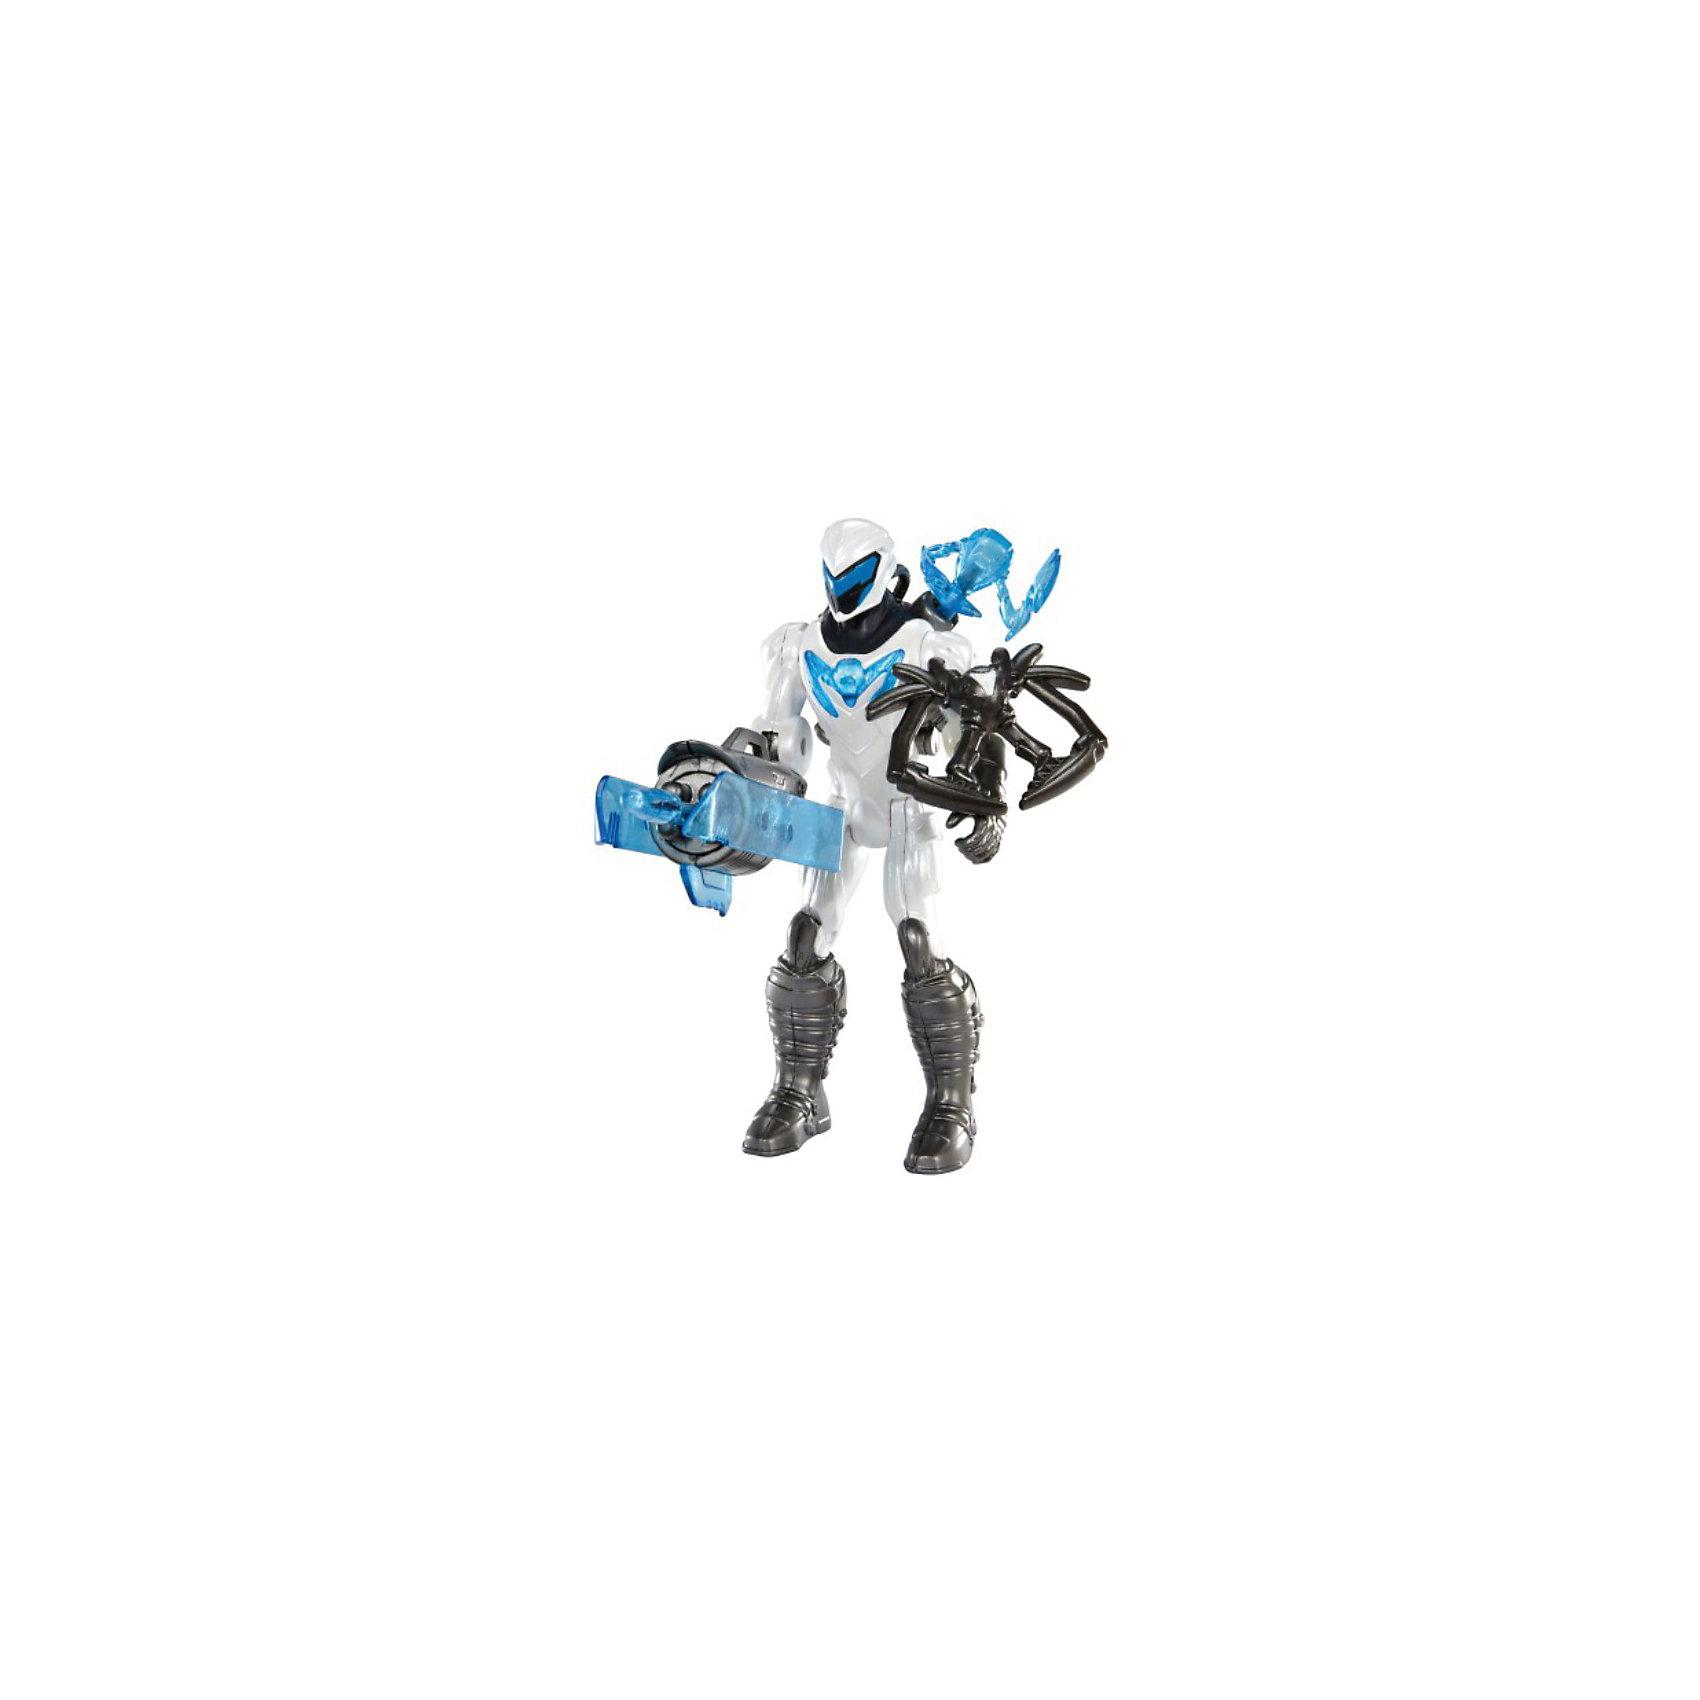 Маленькие фигурки героев: Арктическая атака, Max SteelМаленькие фигурки героев: Арктическая атака, Max Steel (Макс Стил) порадуют всех маленьких поклонников мультсериала о супергероях.<br>Находясь в арктических льдах, отважный Макс — герой Max Steel — облачается в специальный защитный костюм, который защищает его от холода и дает преимущество в борьбе с врагами. Даже отрицательные температуры ниже нуля не страшны Максу в таком обмундировании! Кроме того, у героя есть особенный бластер, который приводится в действие, если нажать на кнопку у него на спине. Фигурка сделана с аккуратностью и вниманием к каждой детали. <br>Собери всю коллекцию фигурок замечательной серии Макс Стил!<br><br>Дополнительная информация:<br><br>- В наборе: фигурка Макс Стила с новым оружием, ультралинк, пуля<br>- Высота фигурки: 15 см.<br>- Материл: высококачественный пластик<br>- Размер упаковки: 20,5 x 30,5 x 7,5 см.<br>- Вес: 220 гр.<br><br>Маленькие фигурки героев: Арктическая атака, Max Steel (Макс Стил) можно купить в нашем интернет-магазине.<br><br>Ширина мм: 178<br>Глубина мм: 307<br>Высота мм: 66<br>Вес г: 220<br>Возраст от месяцев: 48<br>Возраст до месяцев: 120<br>Пол: Мужской<br>Возраст: Детский<br>SKU: 3759667